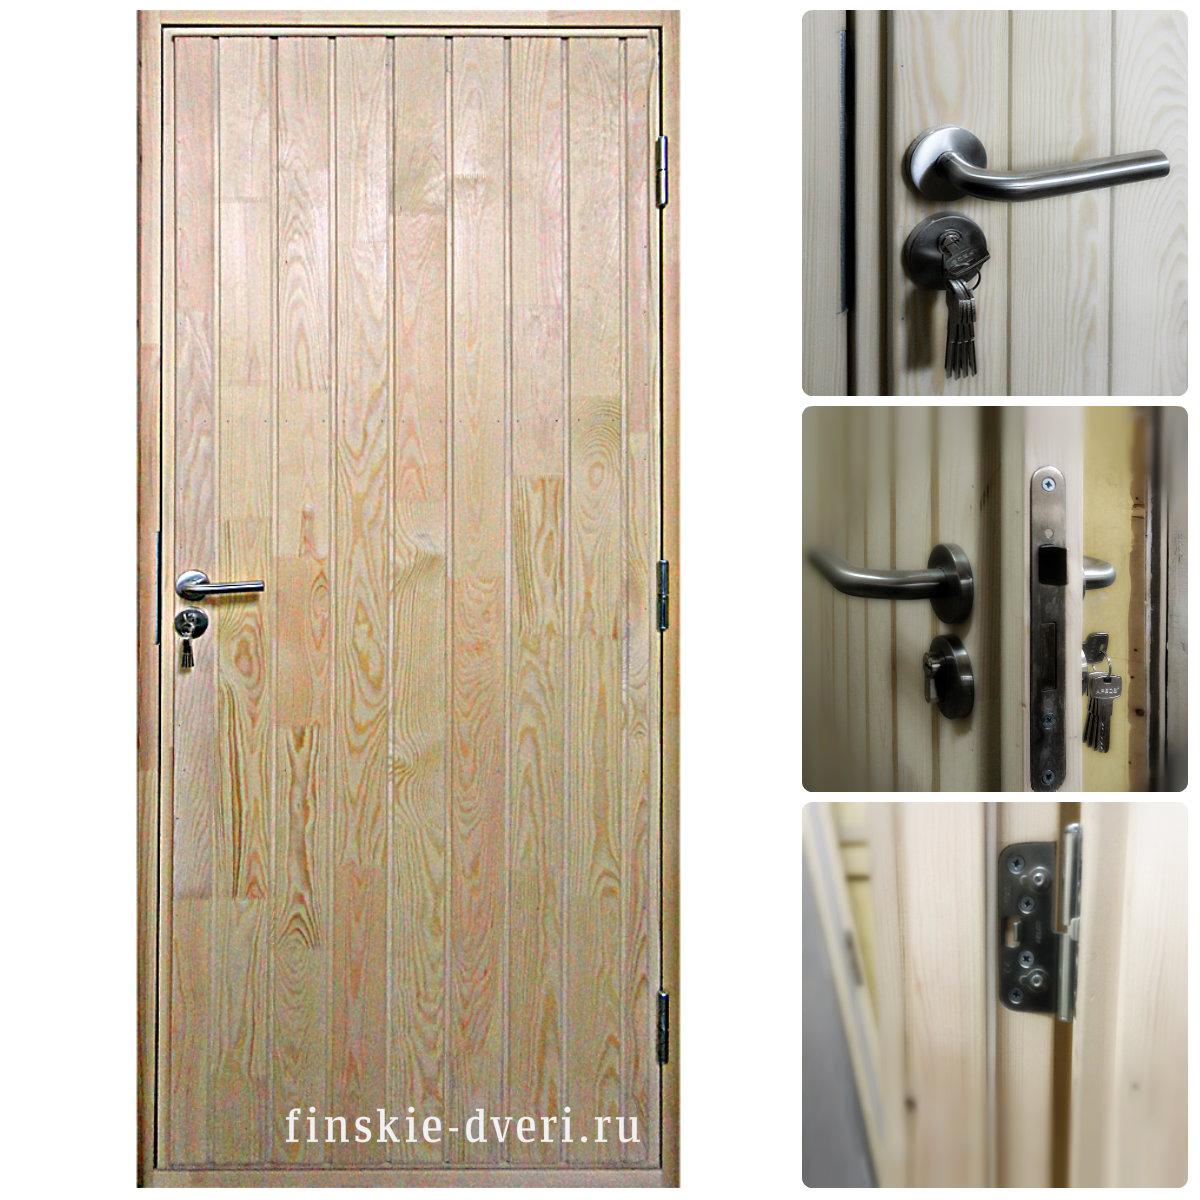 Скидки на двери Scandi Экстра